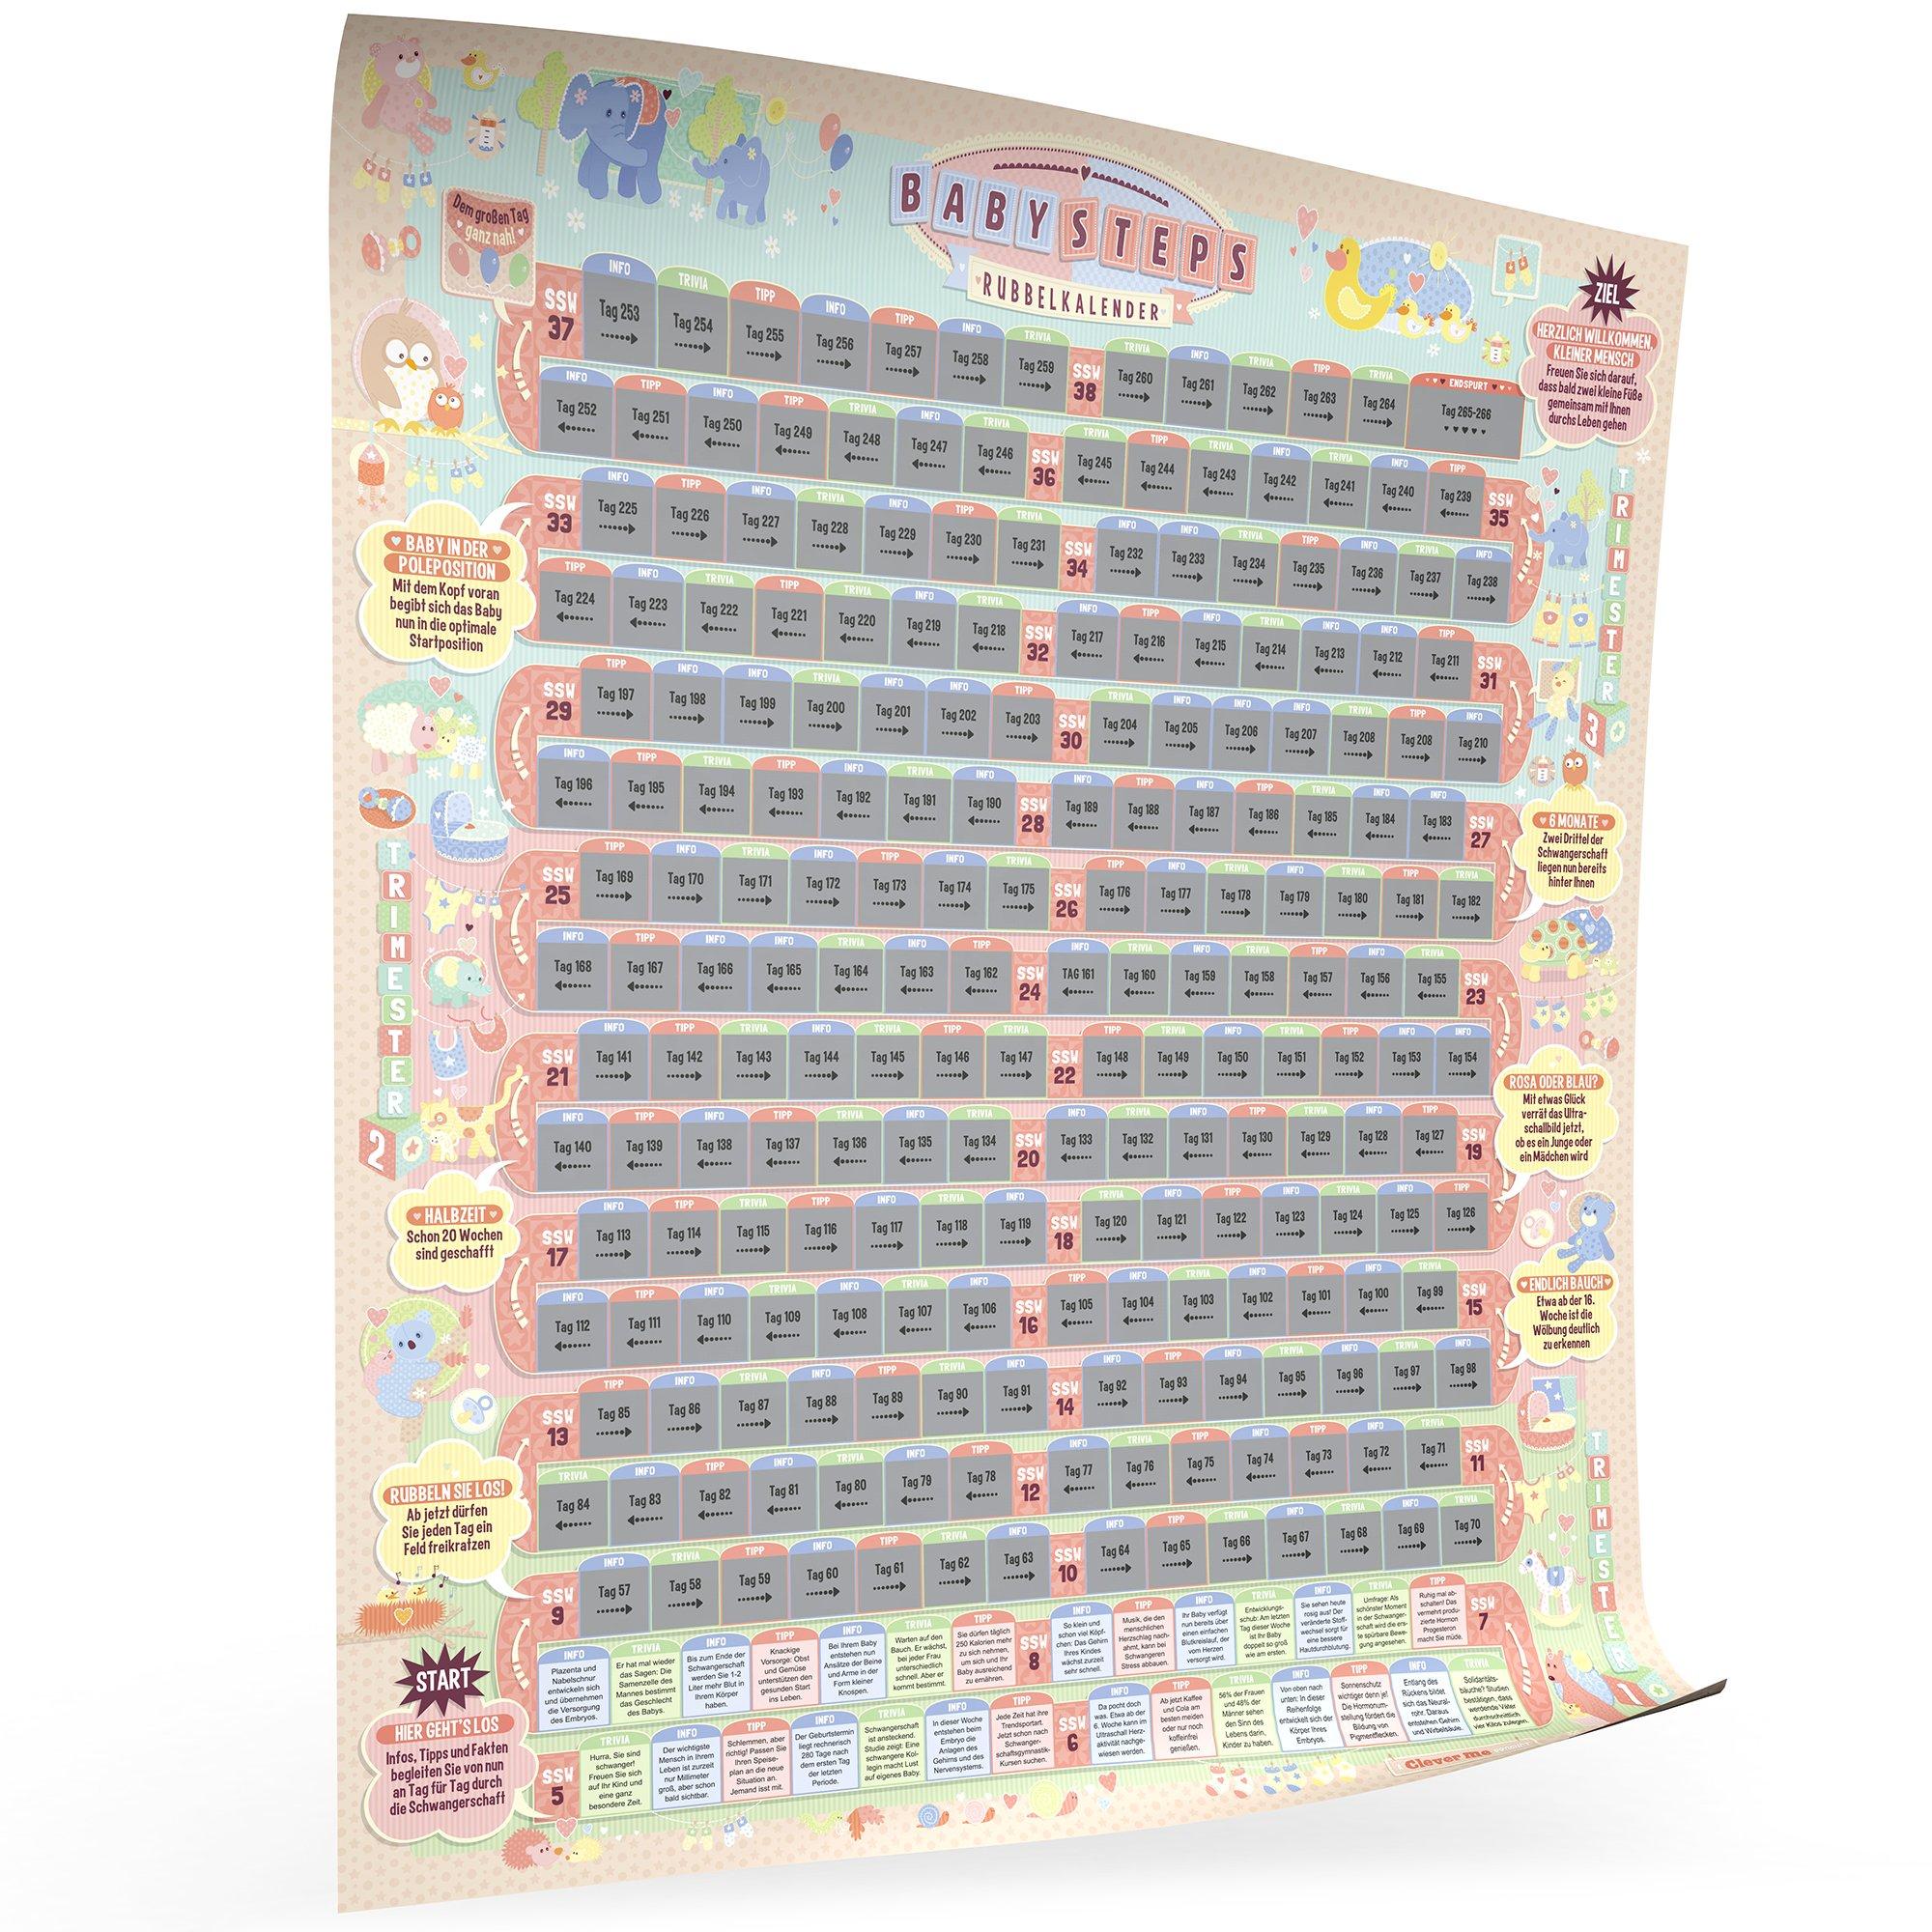 BabySteps Rubbelkalender Bild